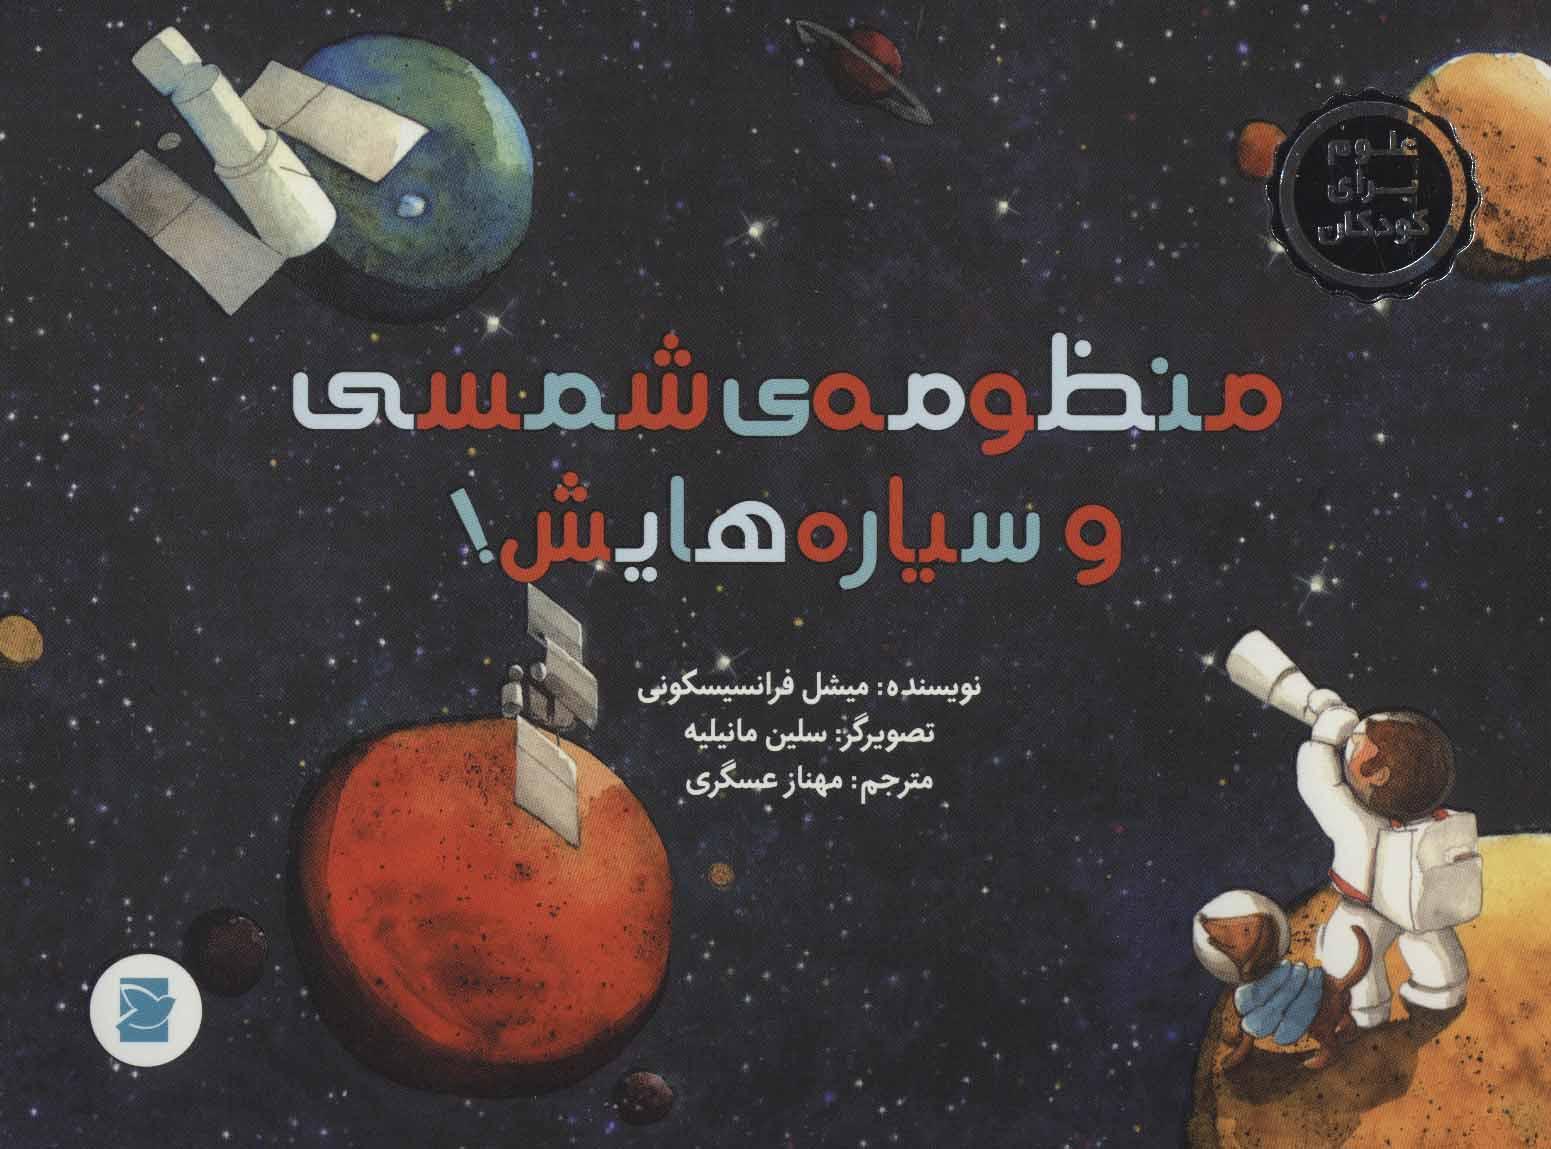 منظومه ی شمسی و سیاره هایش! (علوم برای کودکان)،(گلاسه)